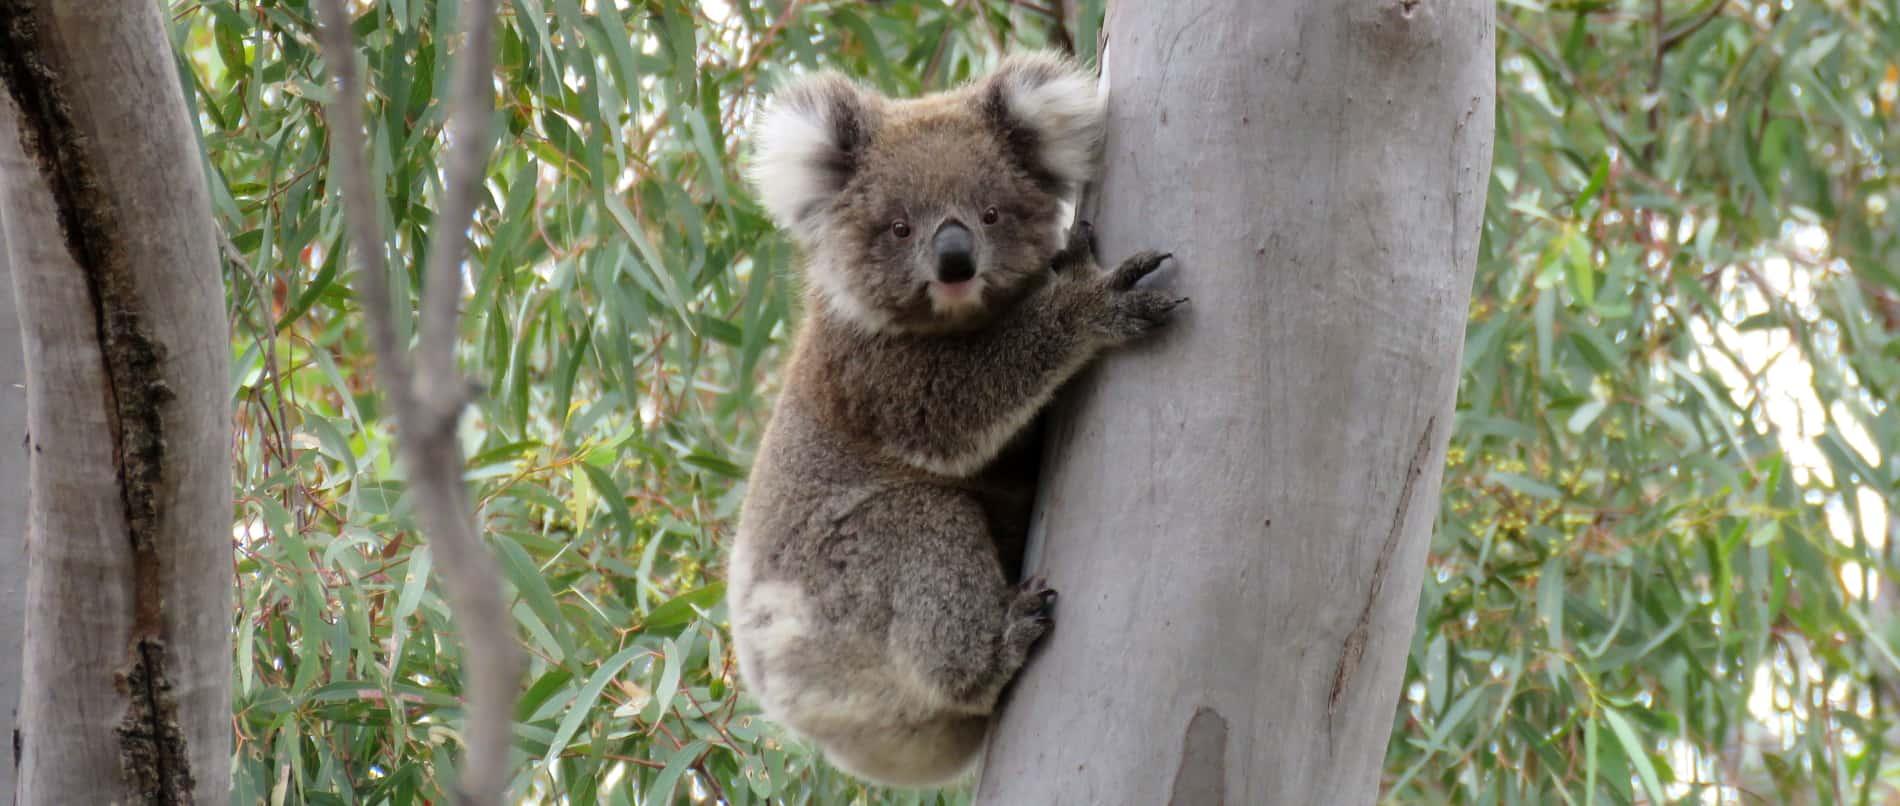 baby koala wild